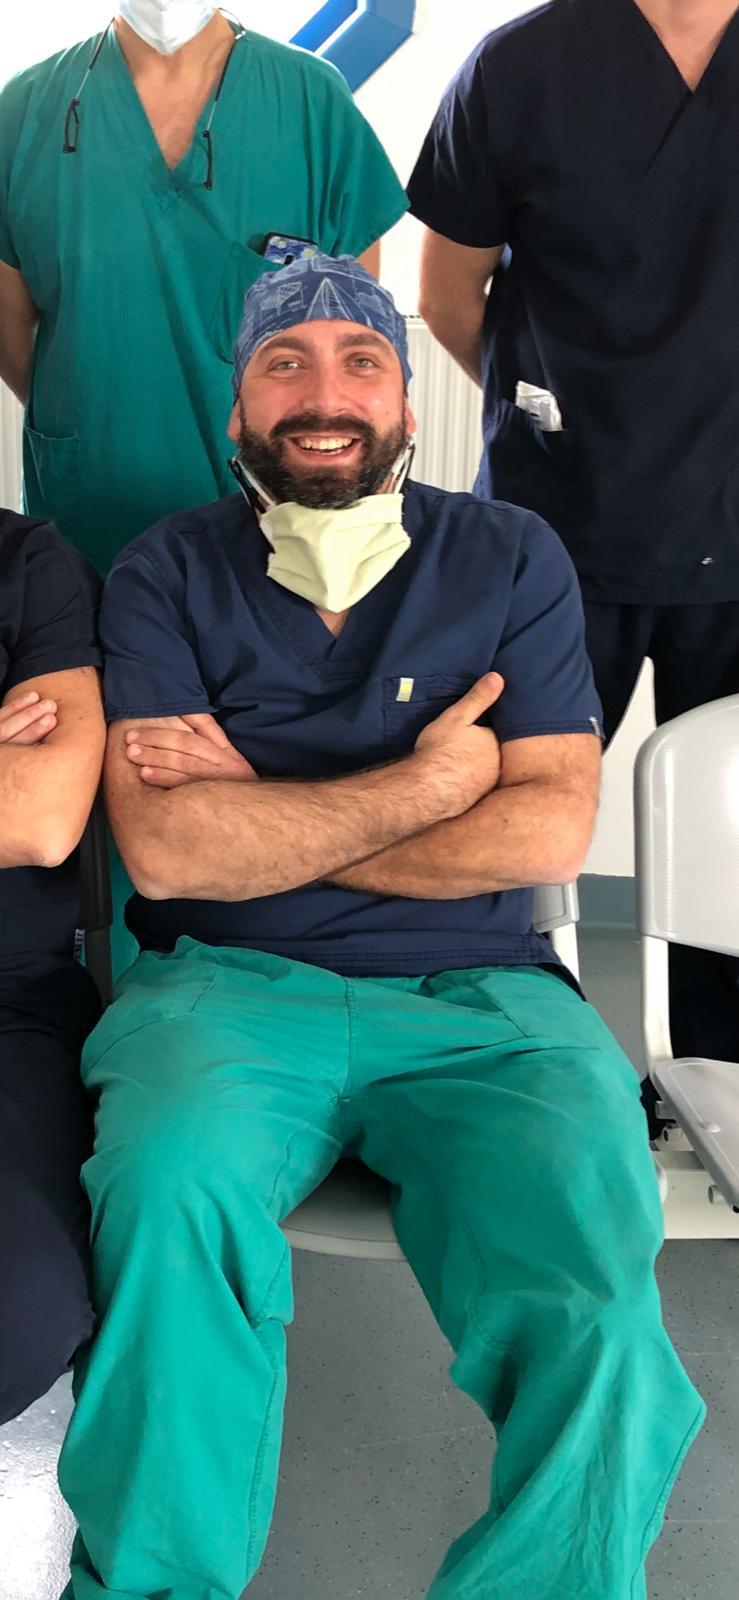 Raffaele Pezzella